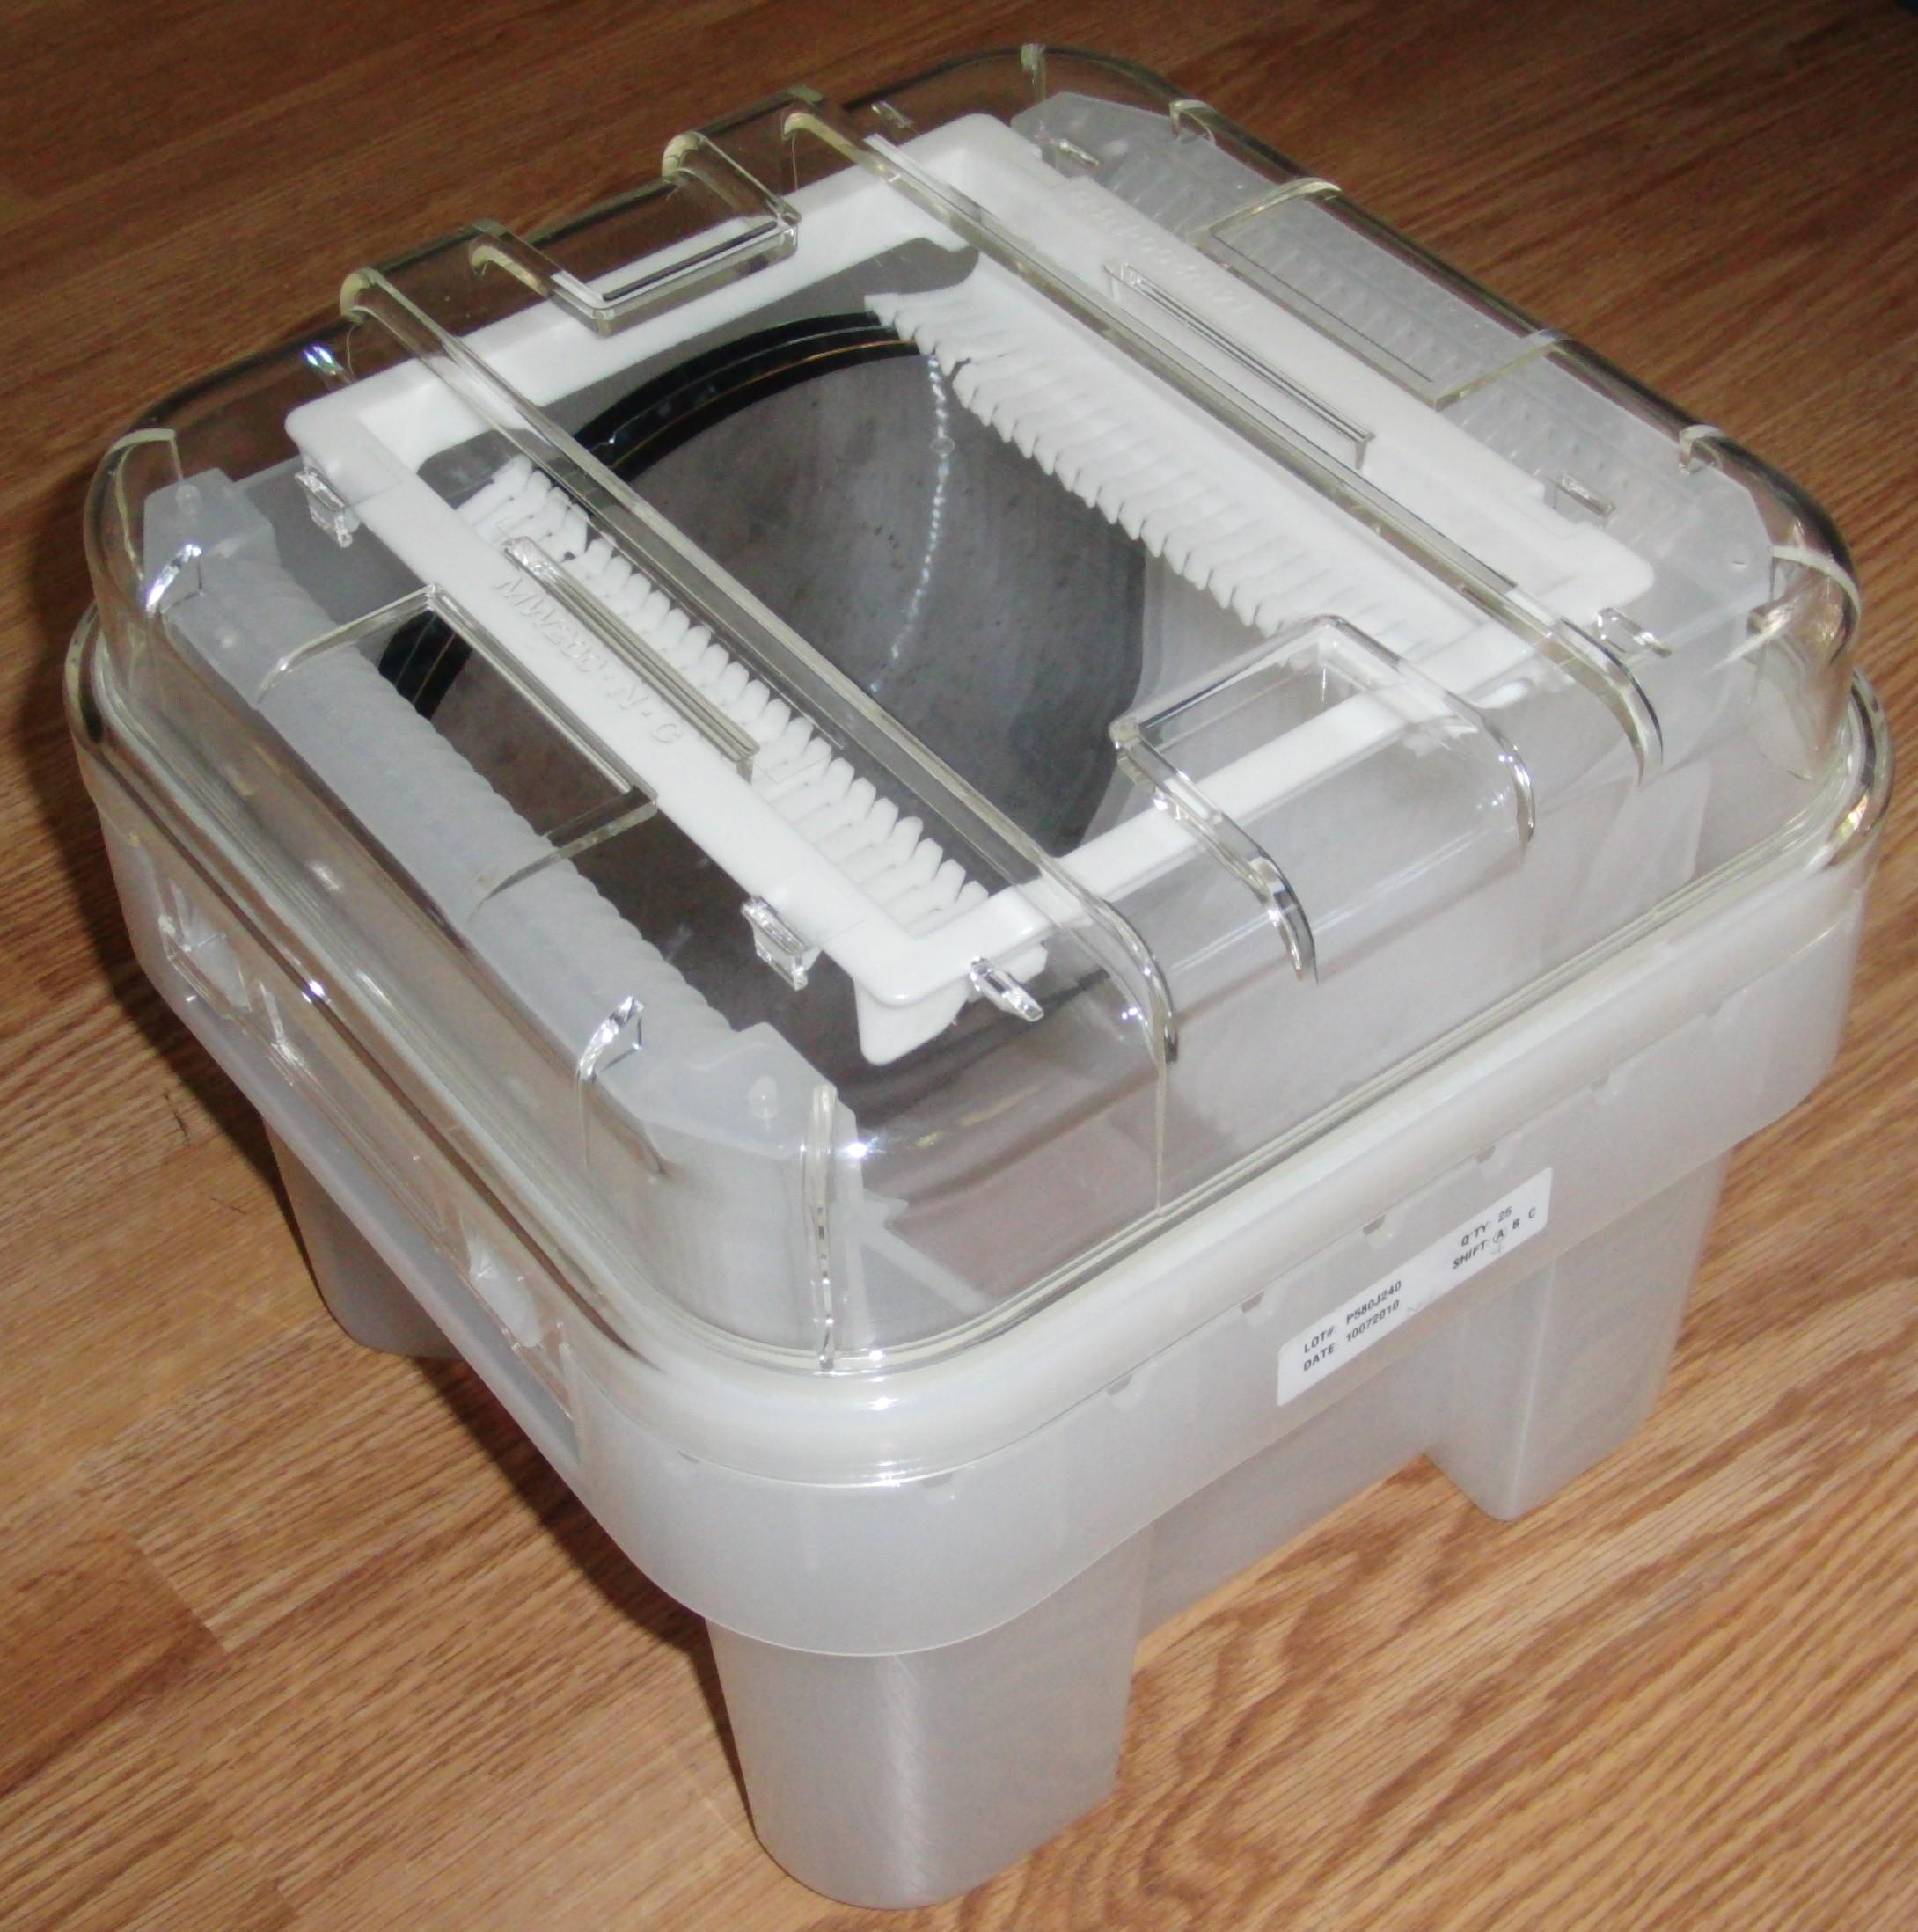 Equipment Storage Silicon Pr0n